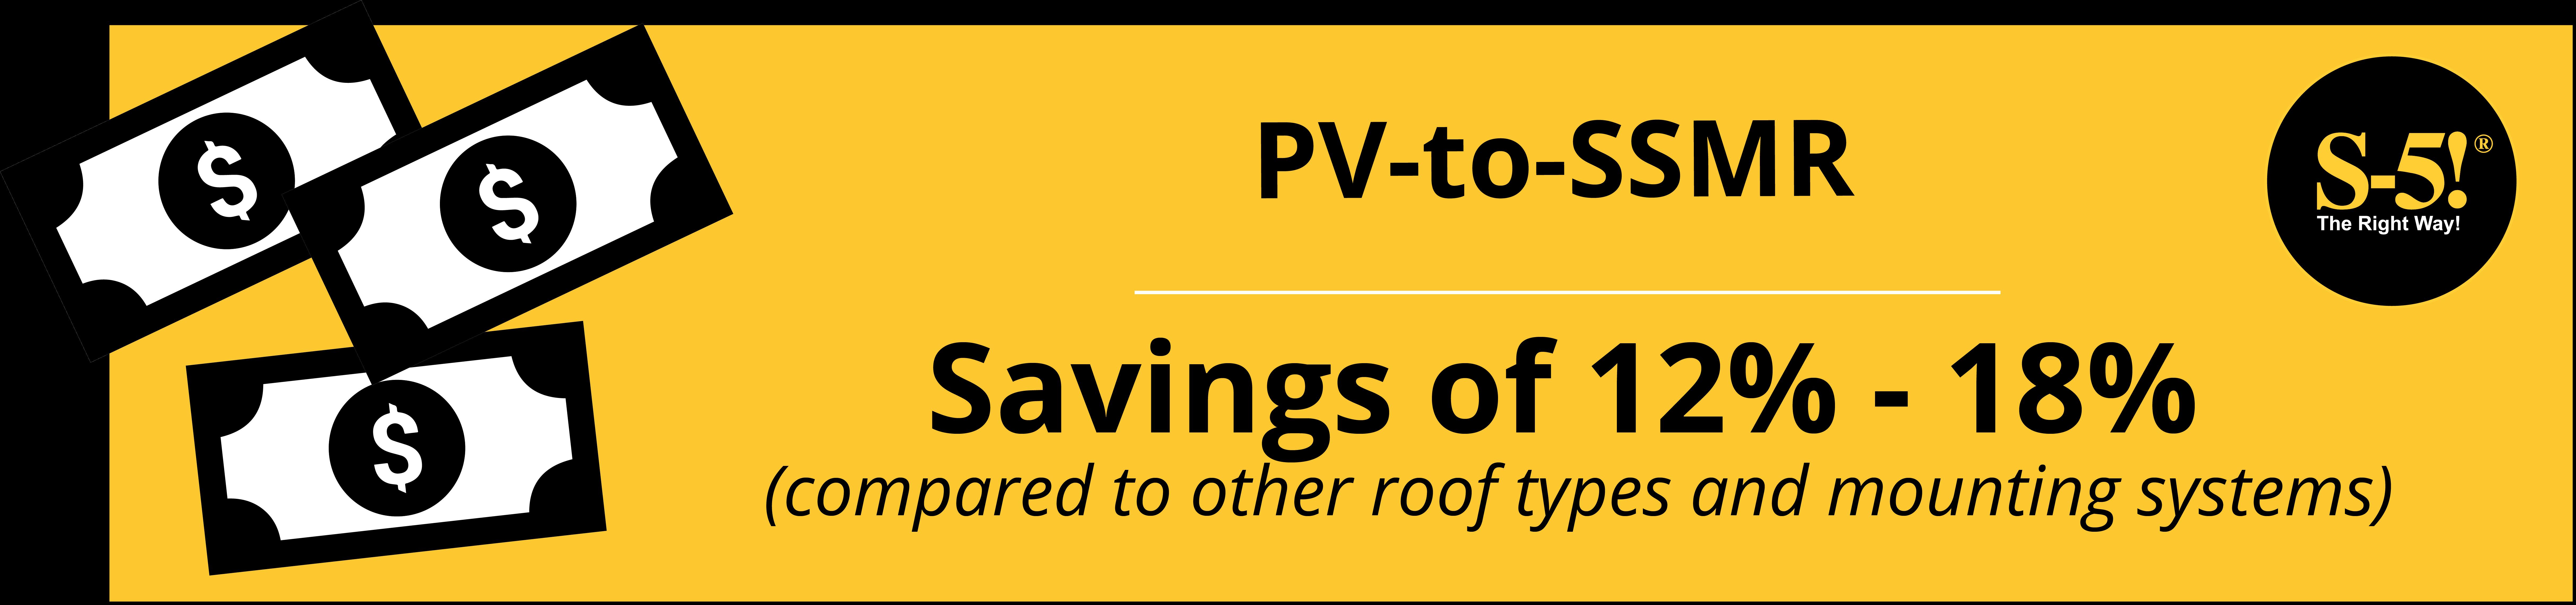 S-5!® PV-to-SSMR System Savings